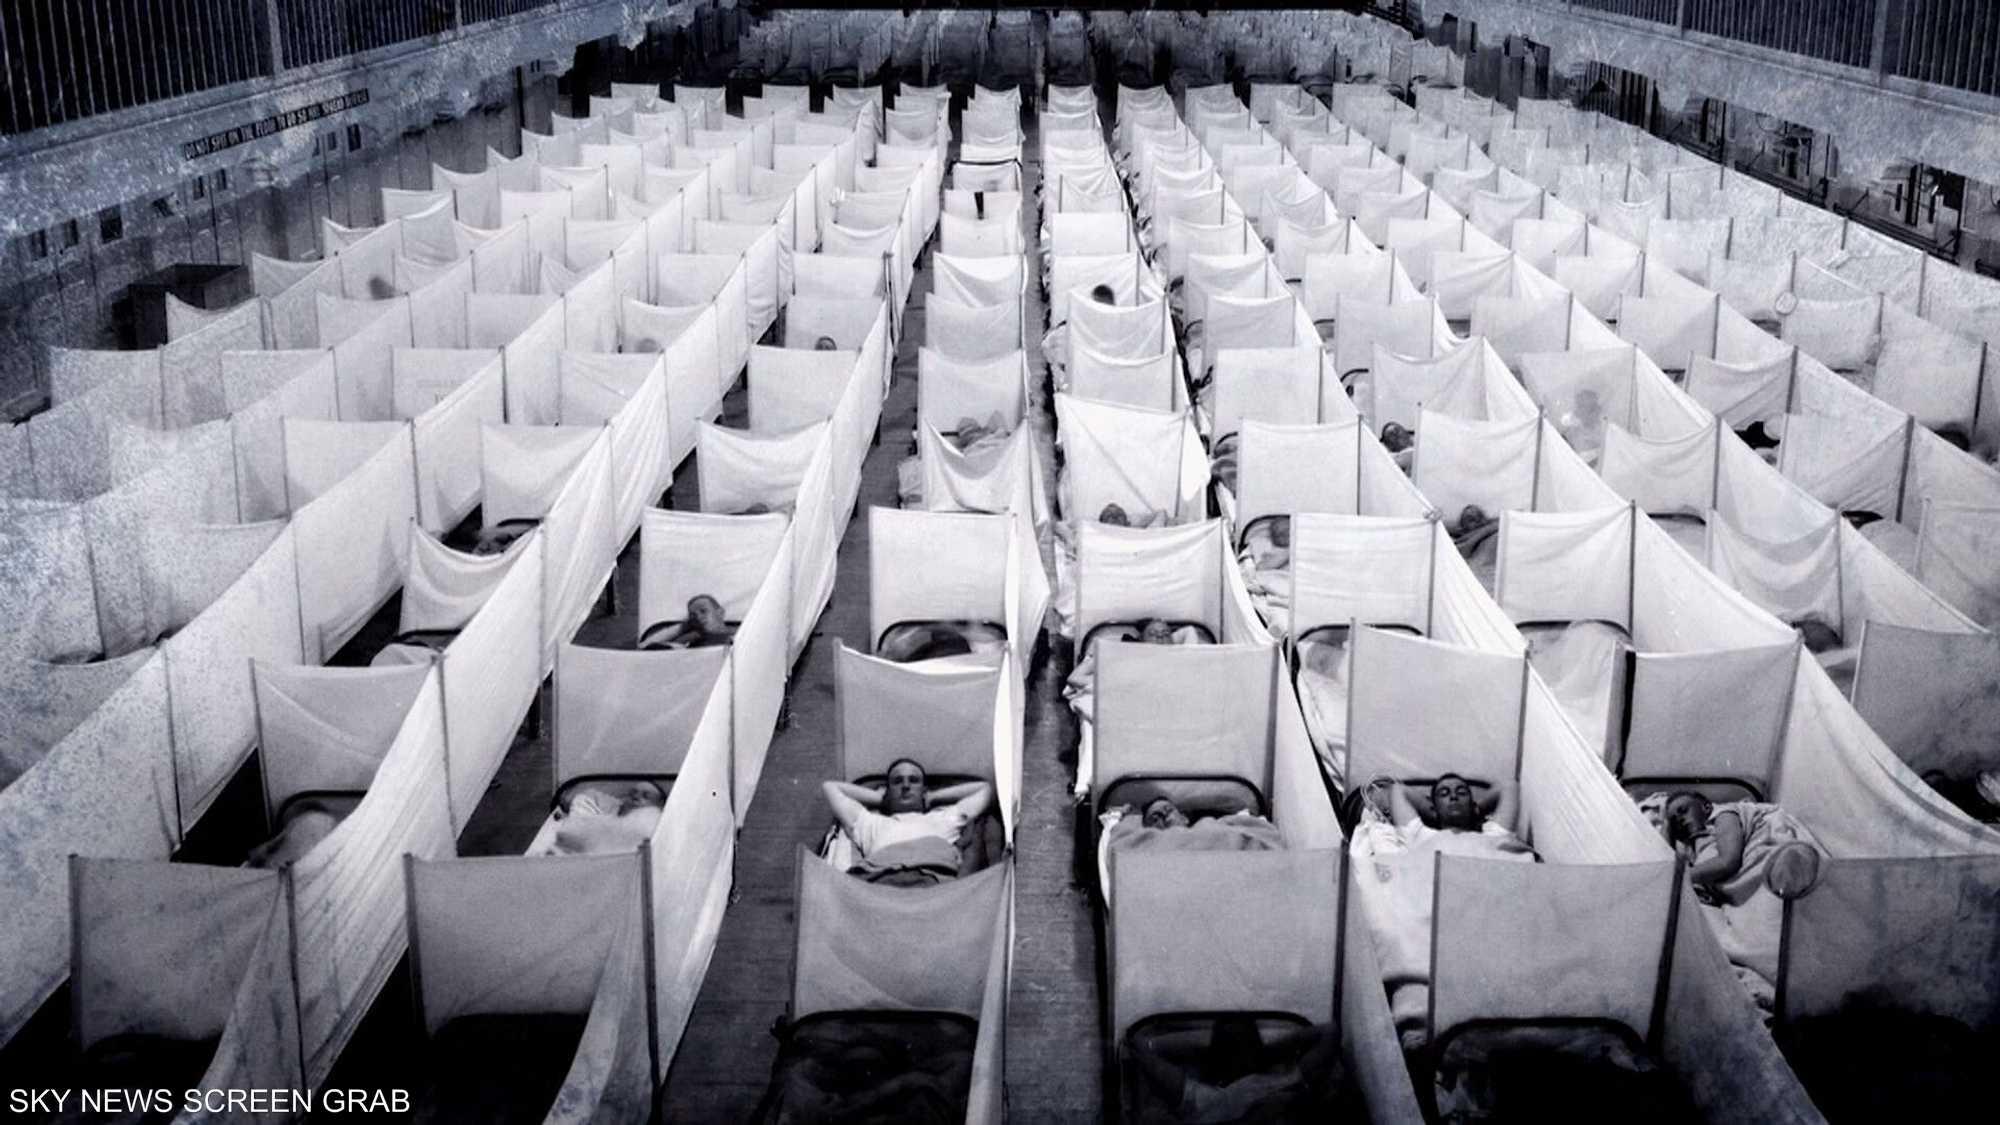 الانفلونزا التي قتلت 50 مليون شخص